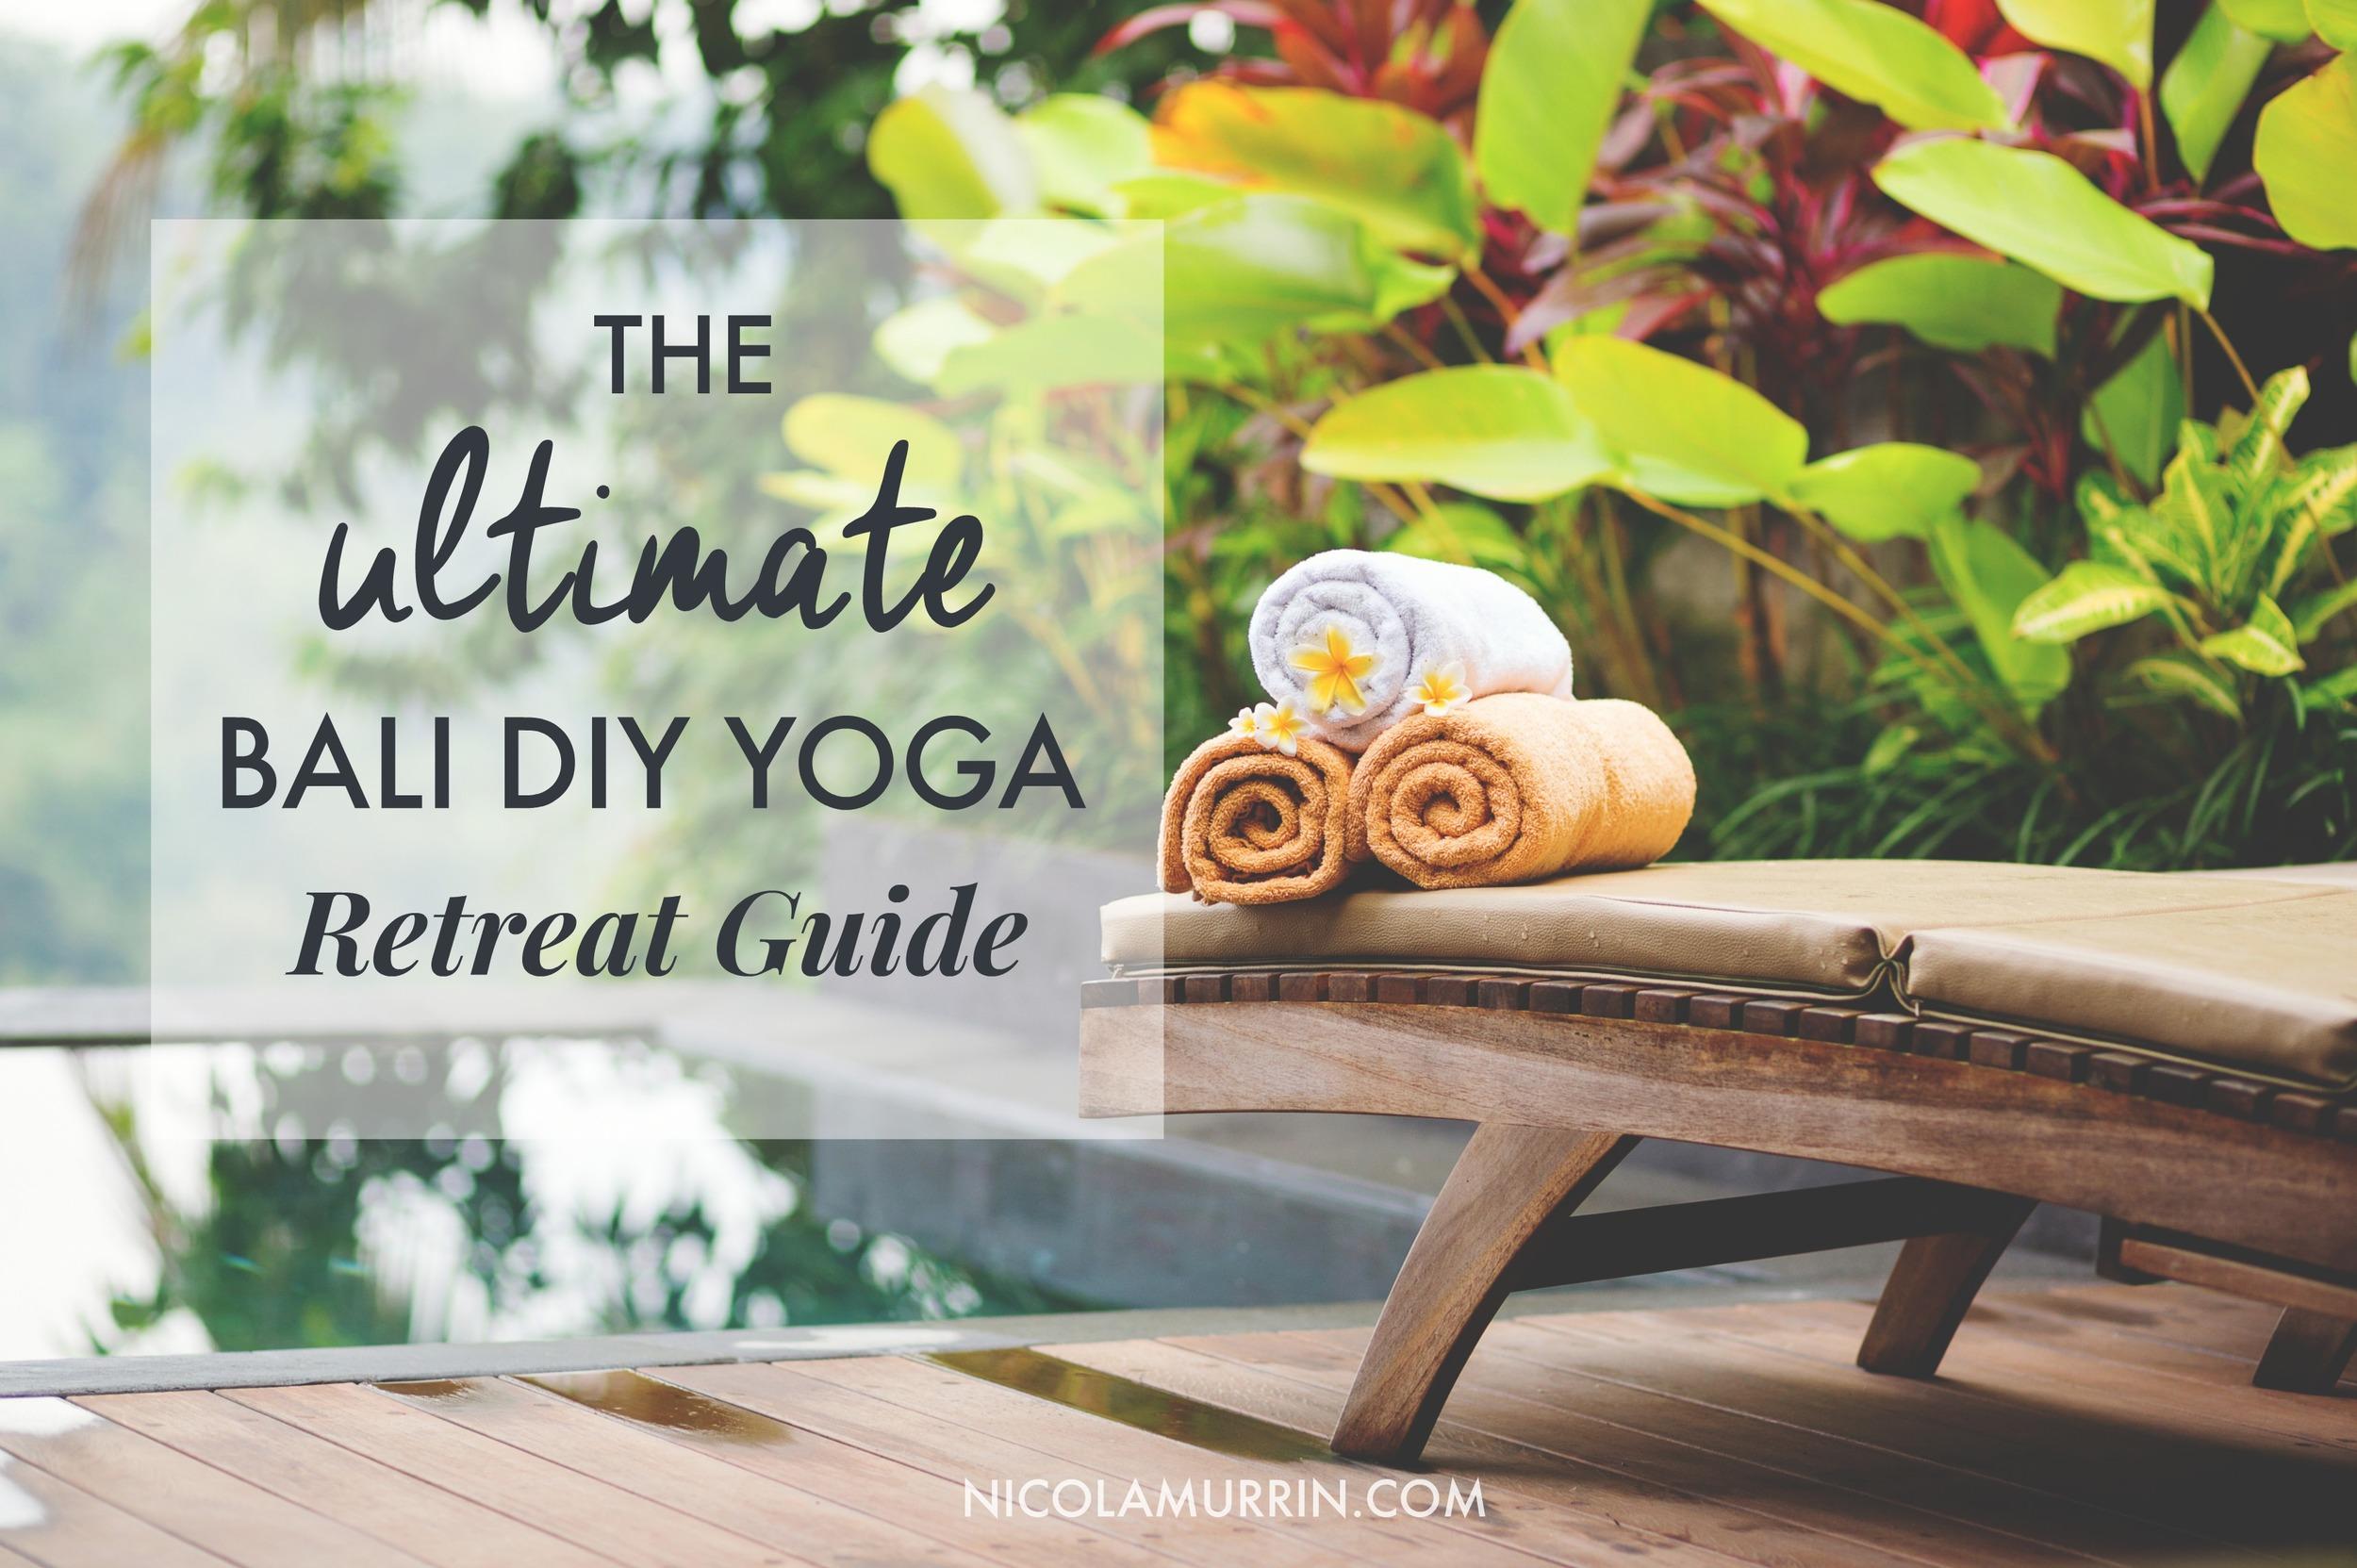 The-Ultimate-Bali-DIY-Yoga-Retreat-Guide1.jpg